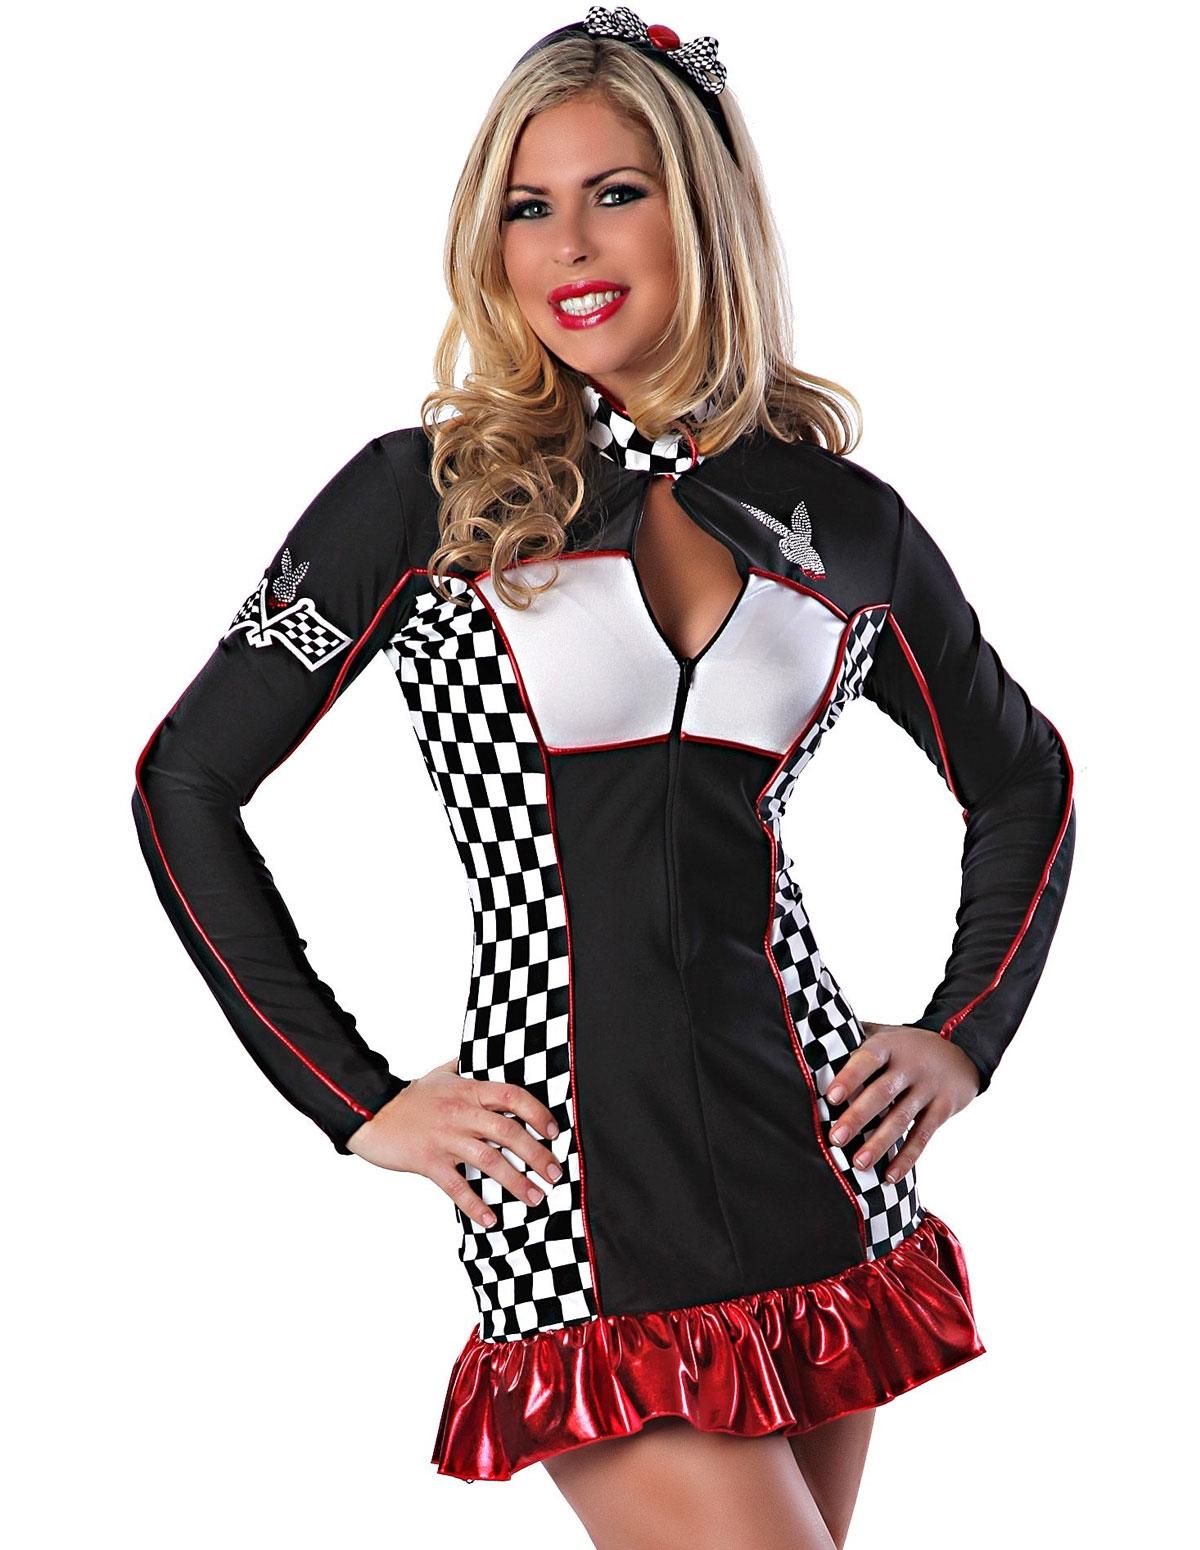 Race Team Playmate Costume